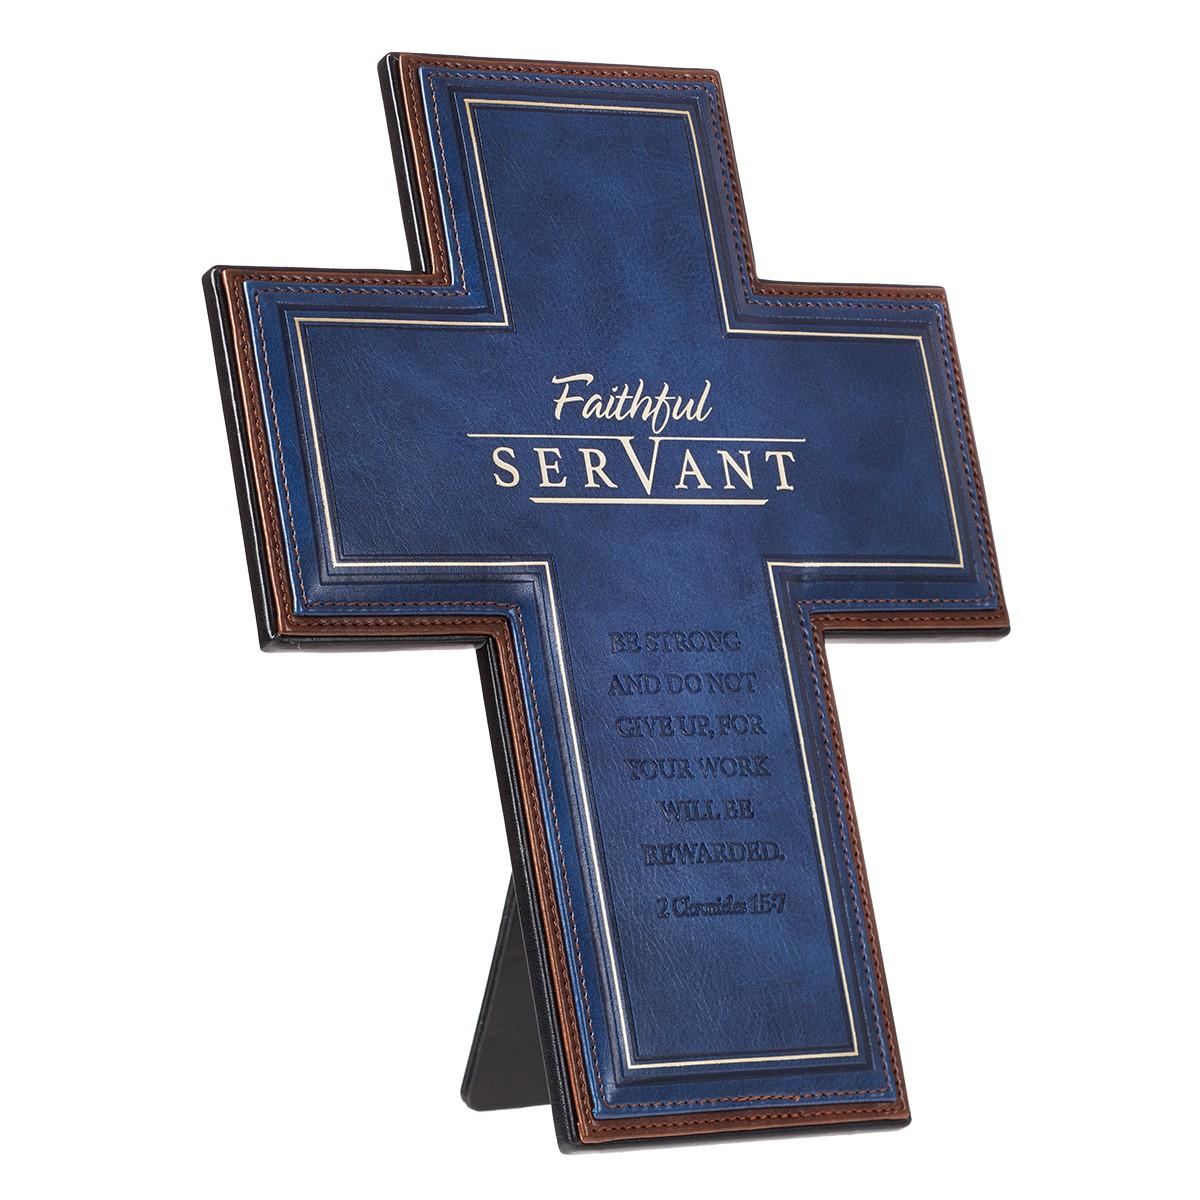 Cross LL Faithful Servant 2 Chron 15:7